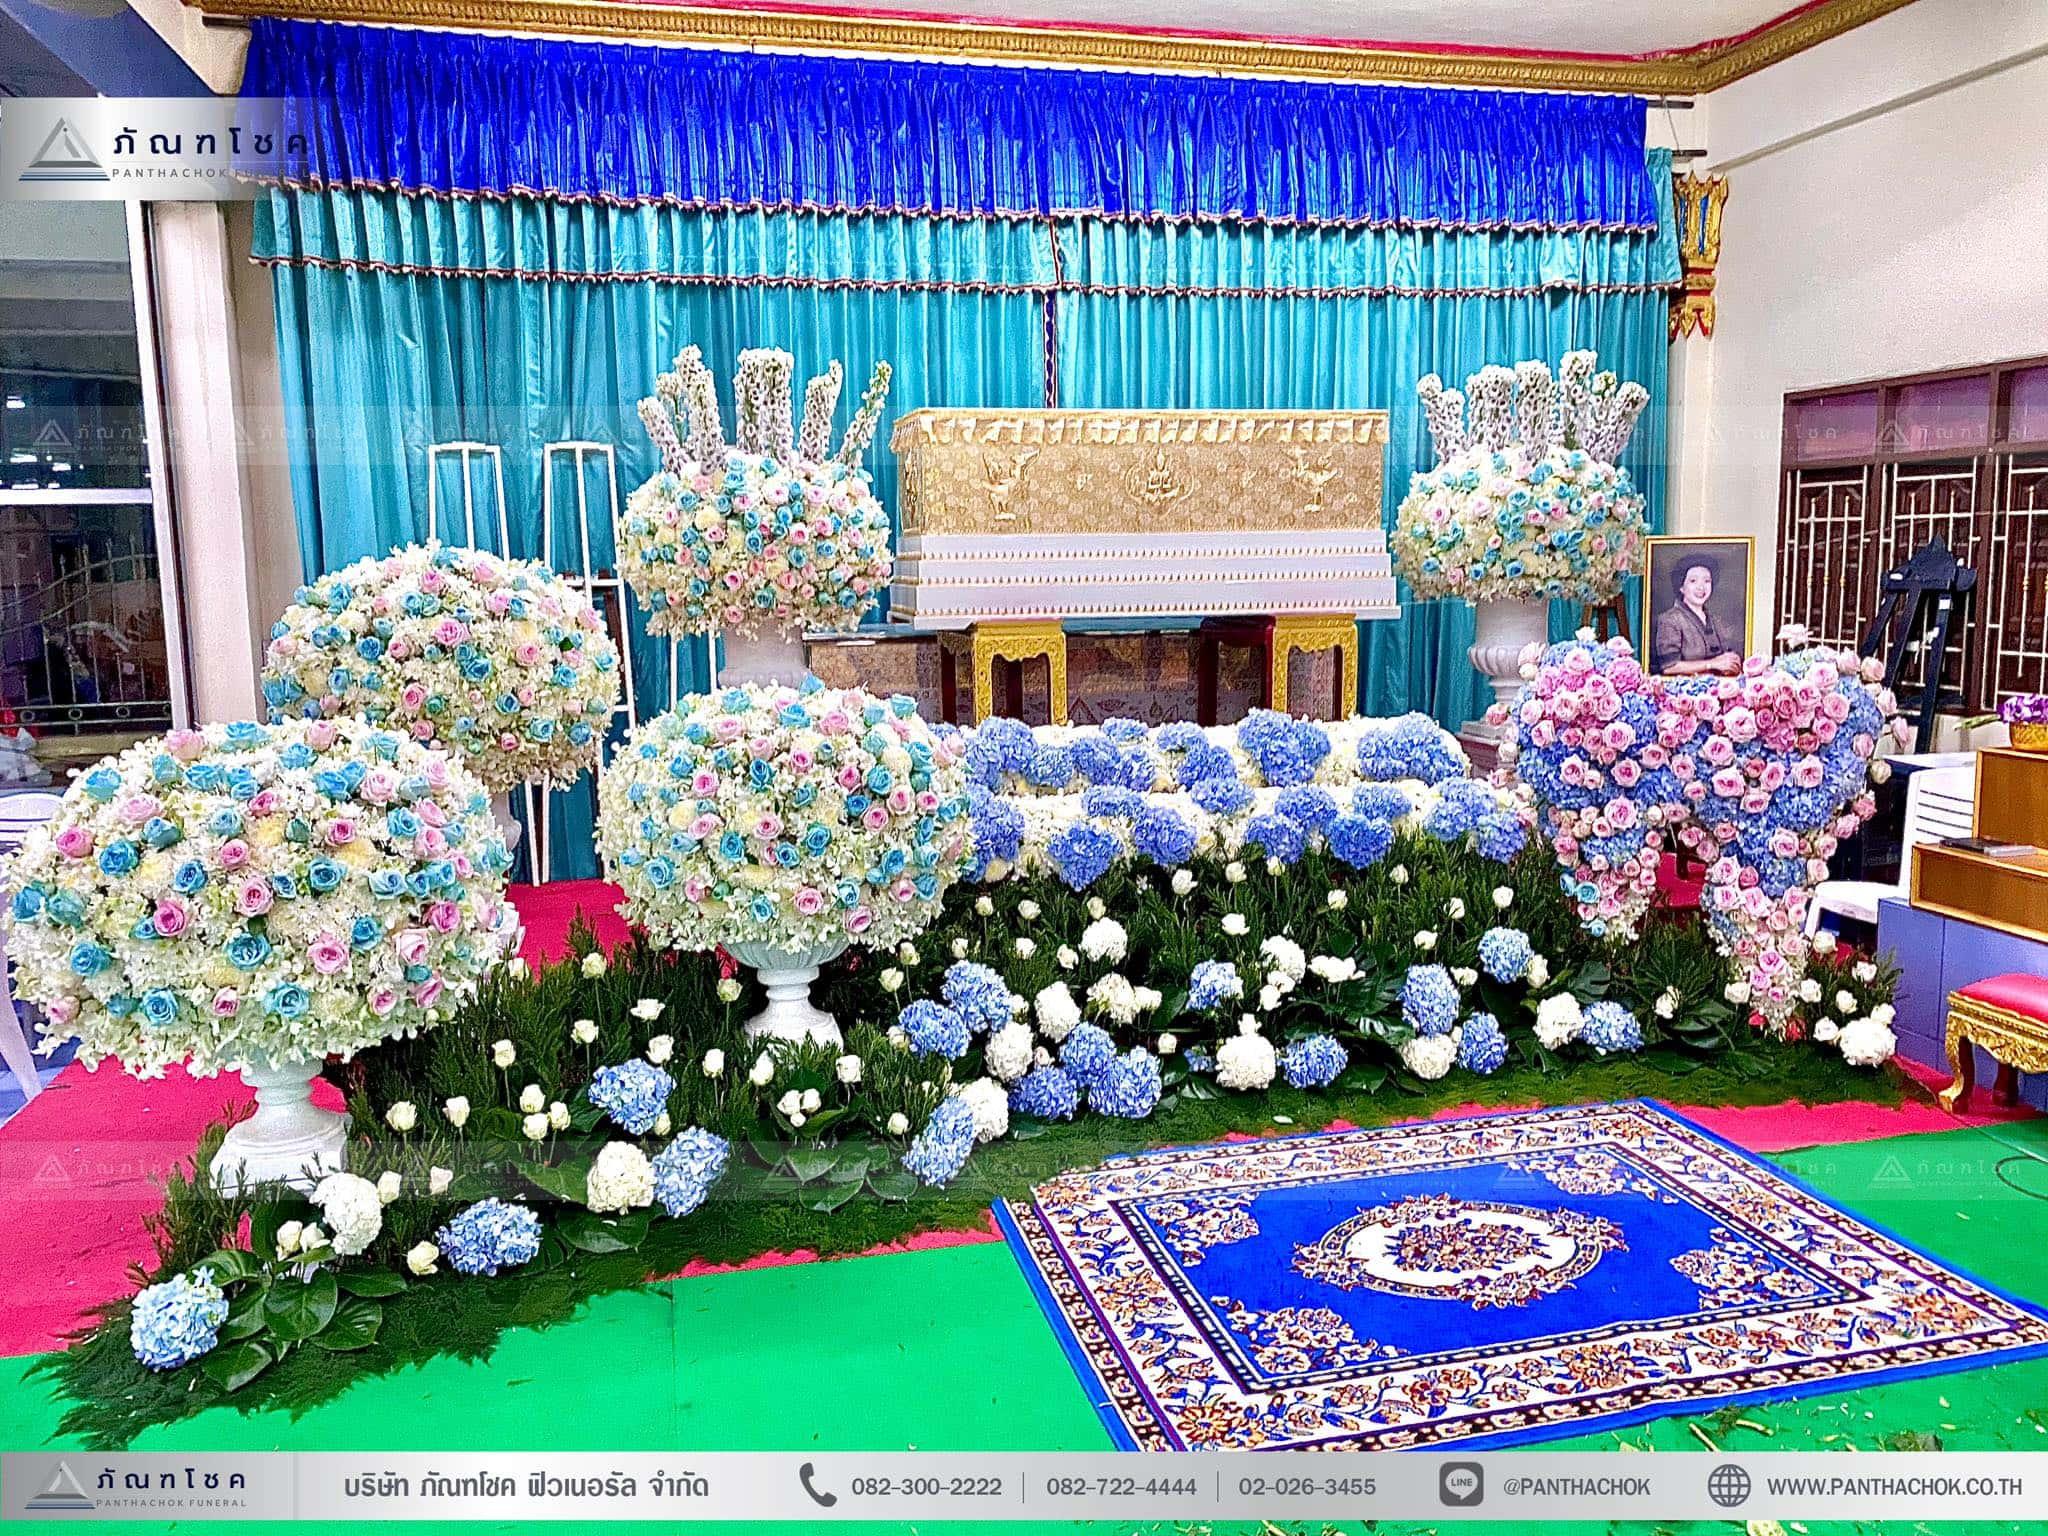 ดอกไม้งานศพสไตล์โมเดิร์น ณ วัดบัวขวัญพระอารามหลวง จ.นนทบุรี 2